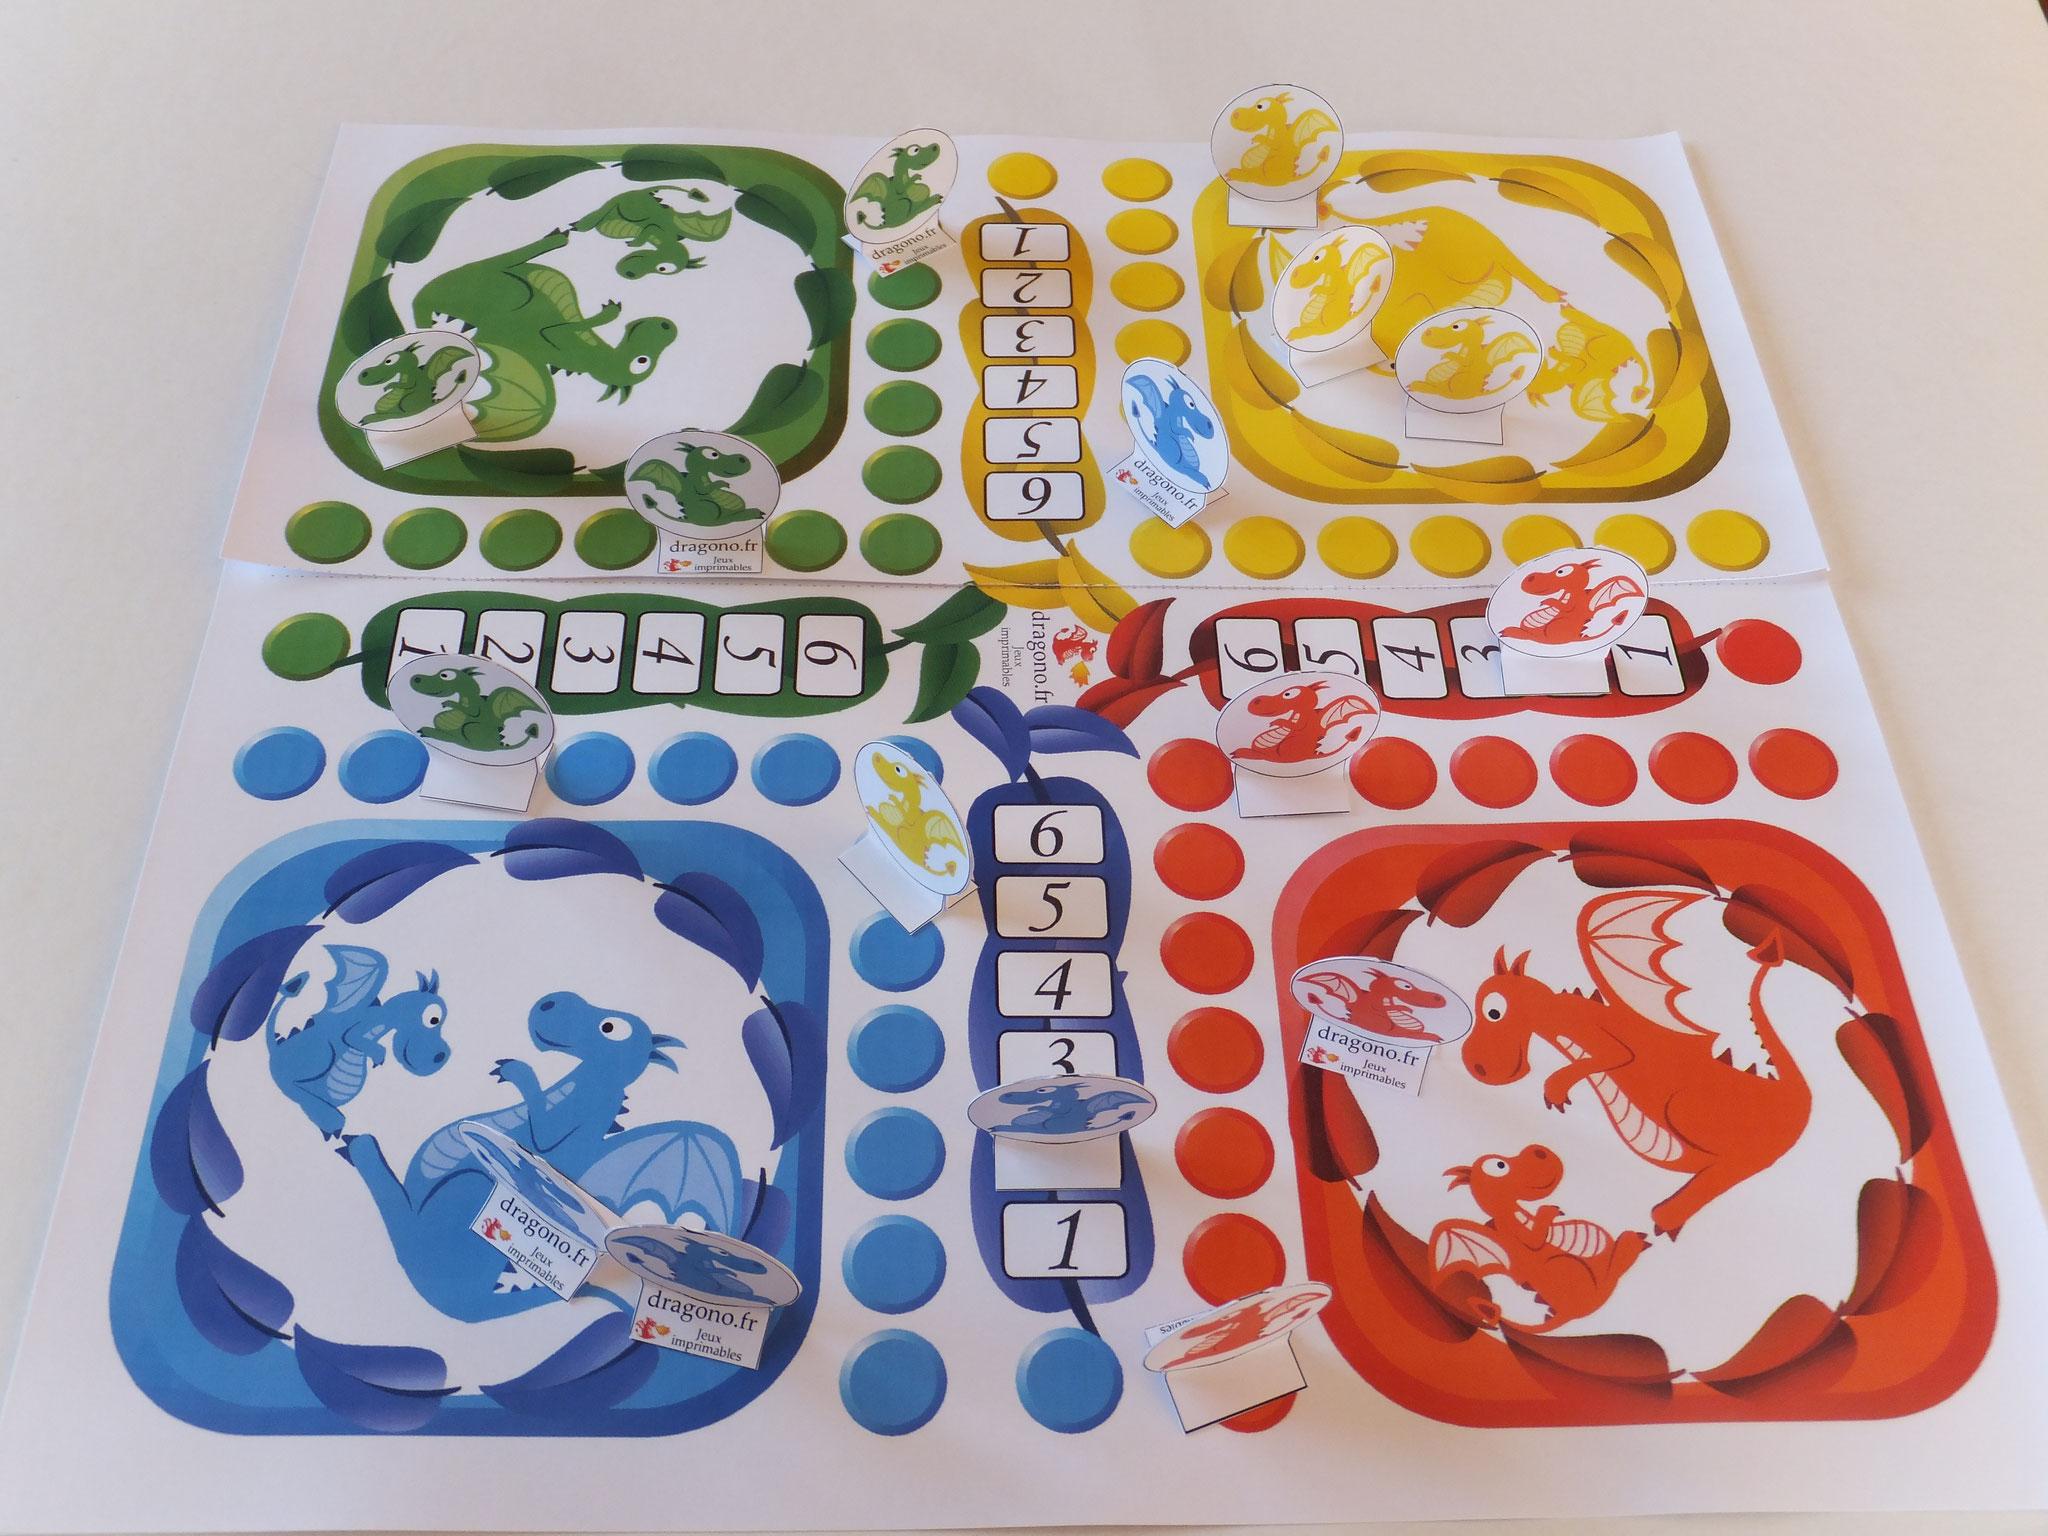 Jeux A Imprimer Pour Enfants, Famille, Ludiques, Éducatifs dedans Jeux De Société À Imprimer